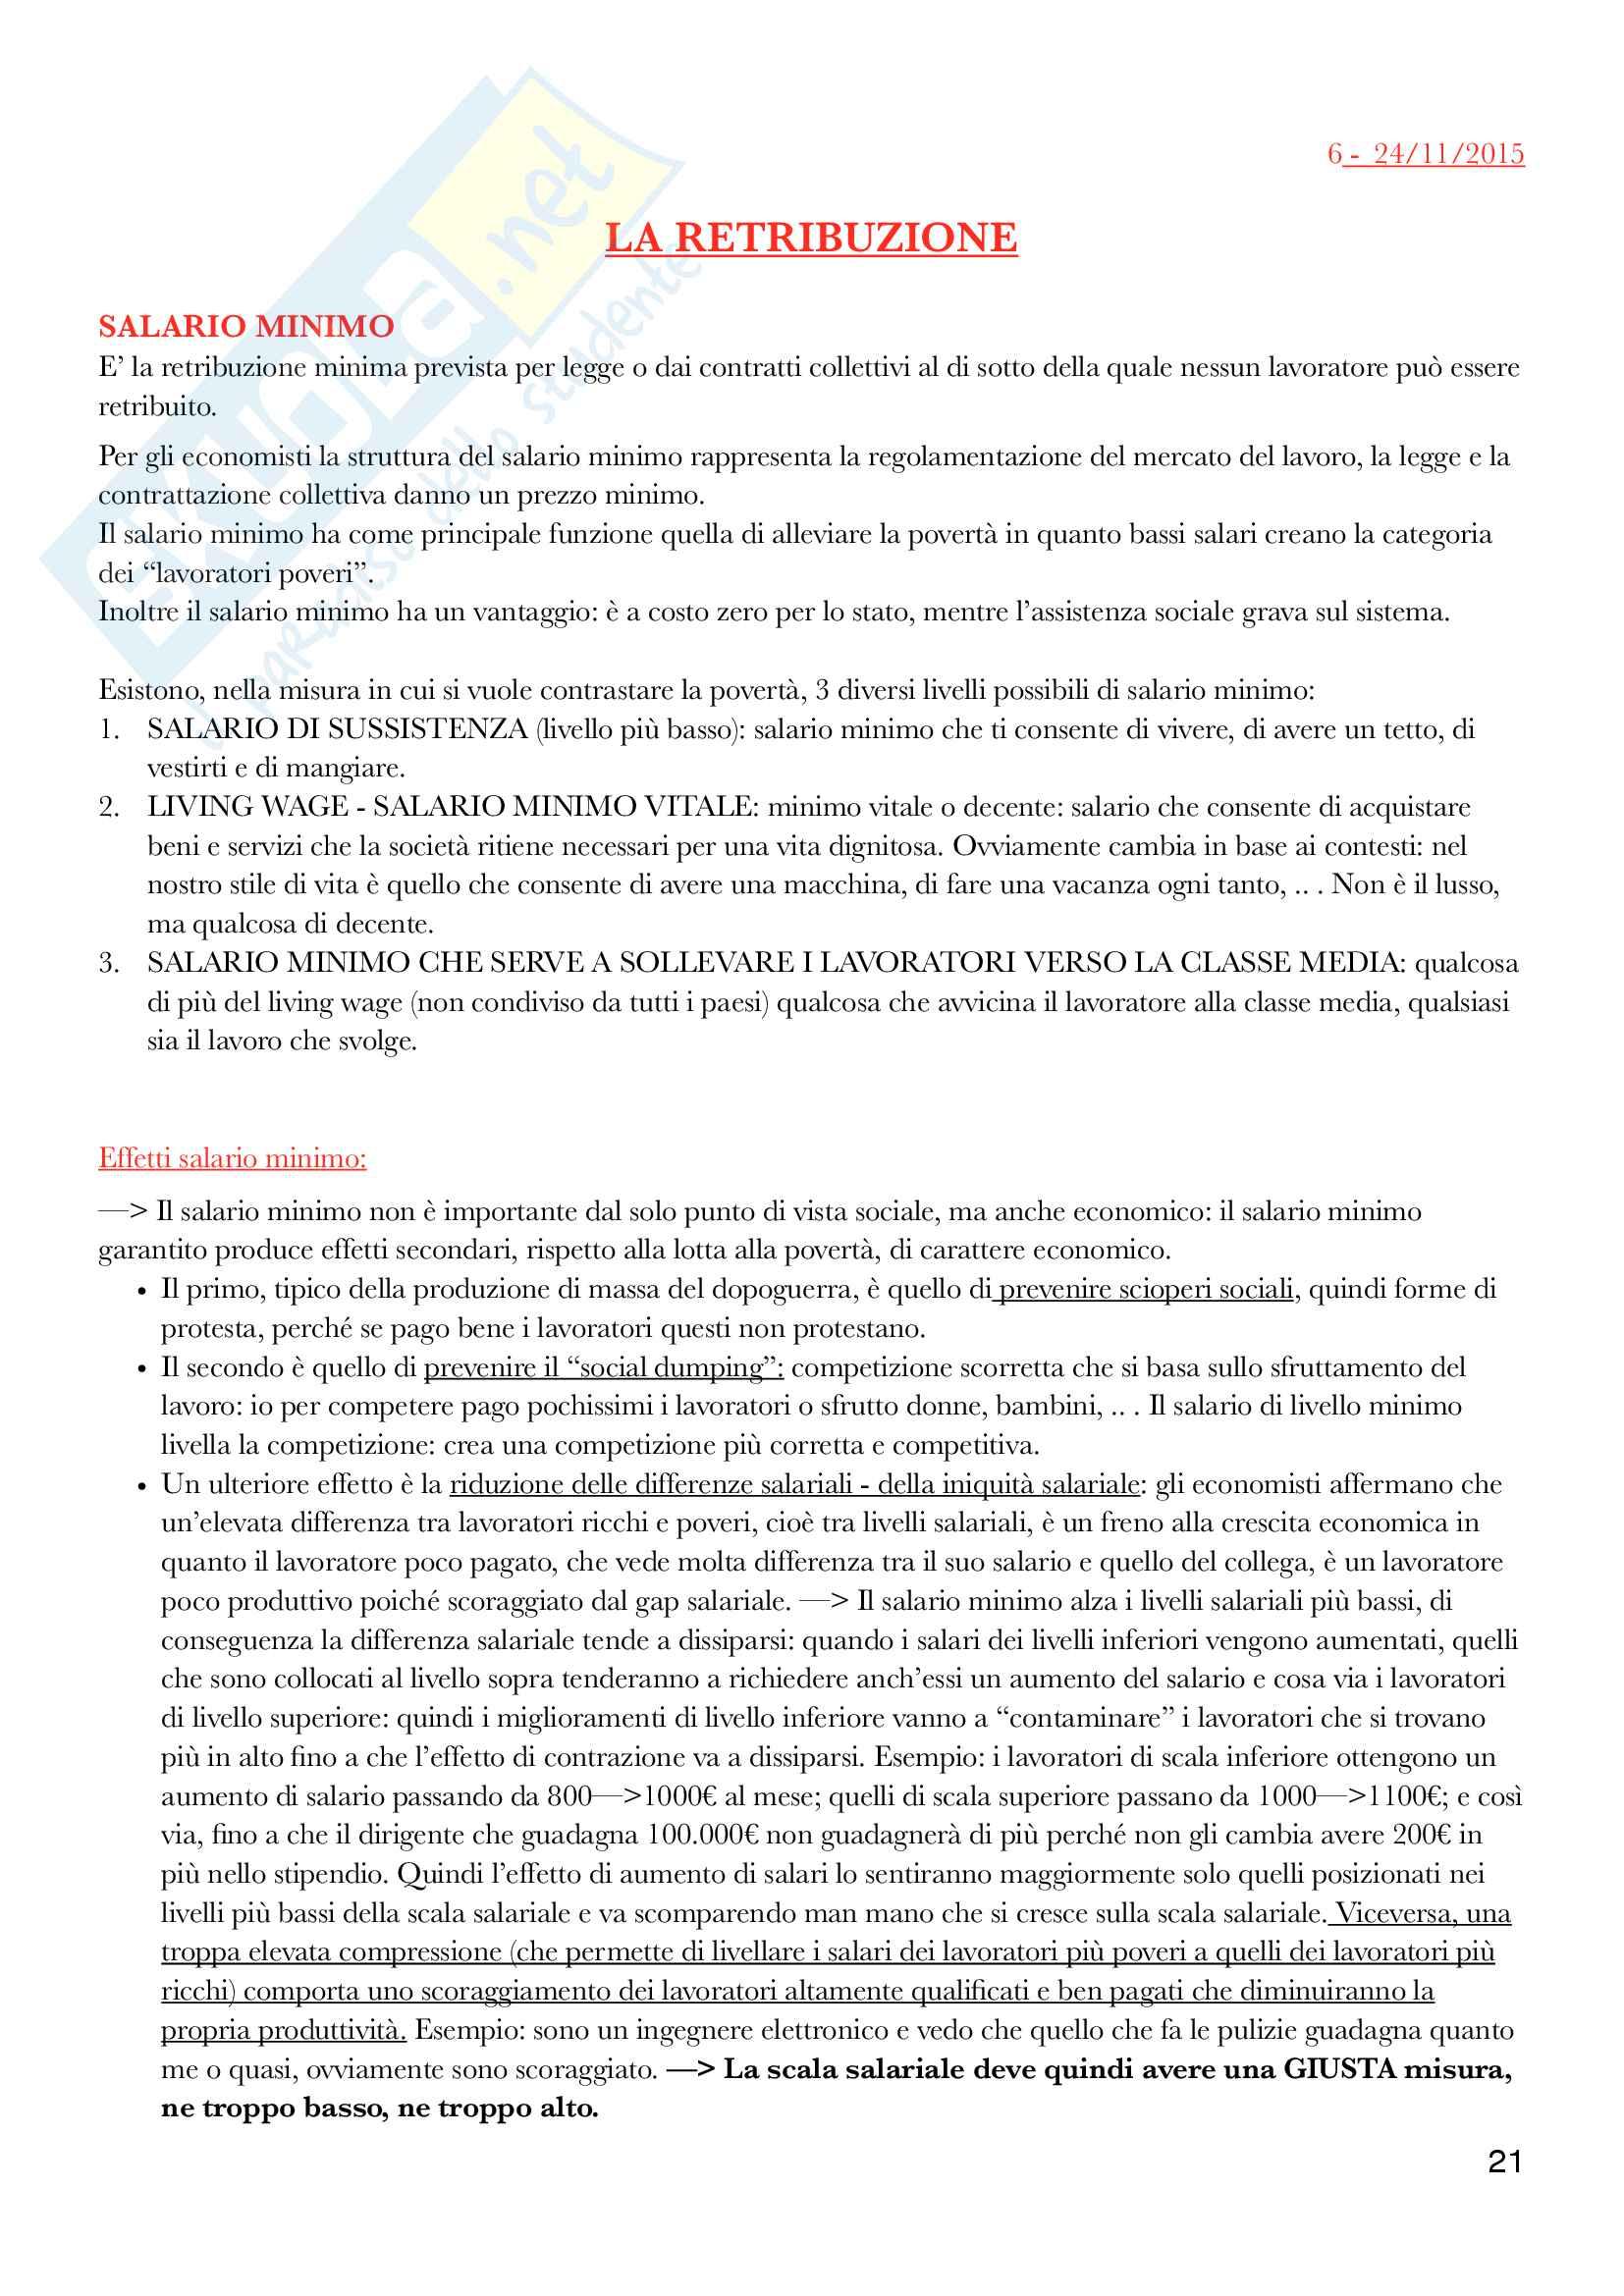 Diritto del lavoro - II Modulo Prof. Emanuele Menegatti. Appunti presi a lezione. Pag. 21